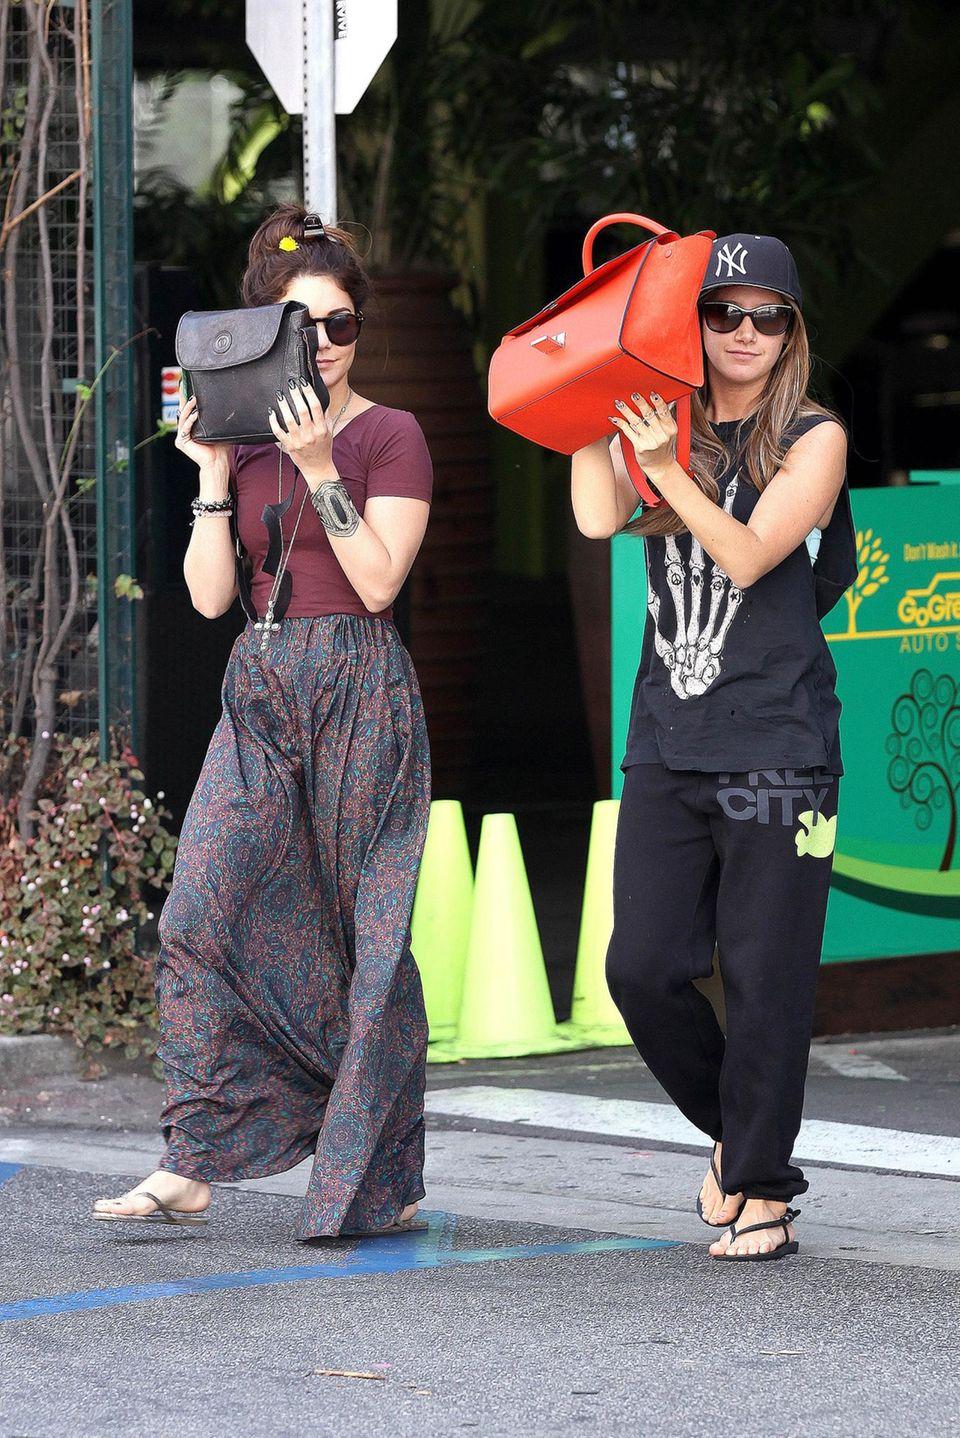 Die Lösung verrät dieses Bild, auf dem Vanessa Hudgens und Ashley Tisdale zwar auch versuchen, sich zu verstecken. Ihre Handtaschen sind dabei aber längst nicht so effektive Hilfsmittel.